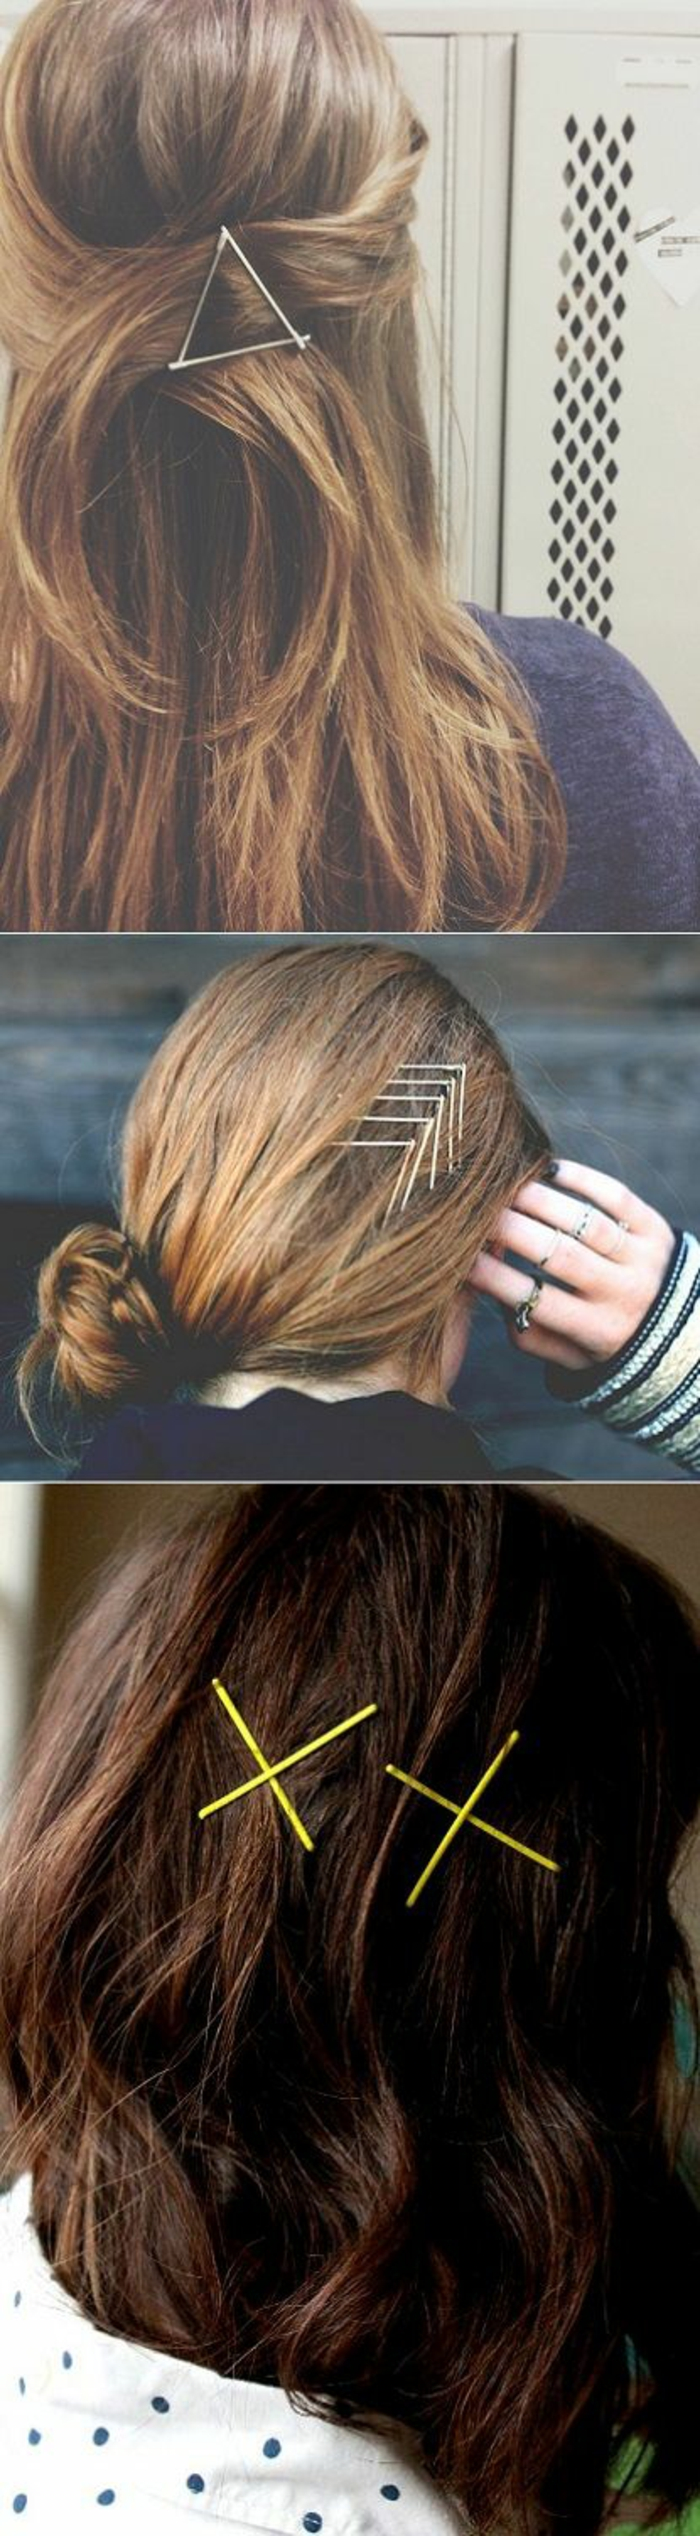 Superbe coiffures bohemes coiffure 2017 printemps avec bobby pins